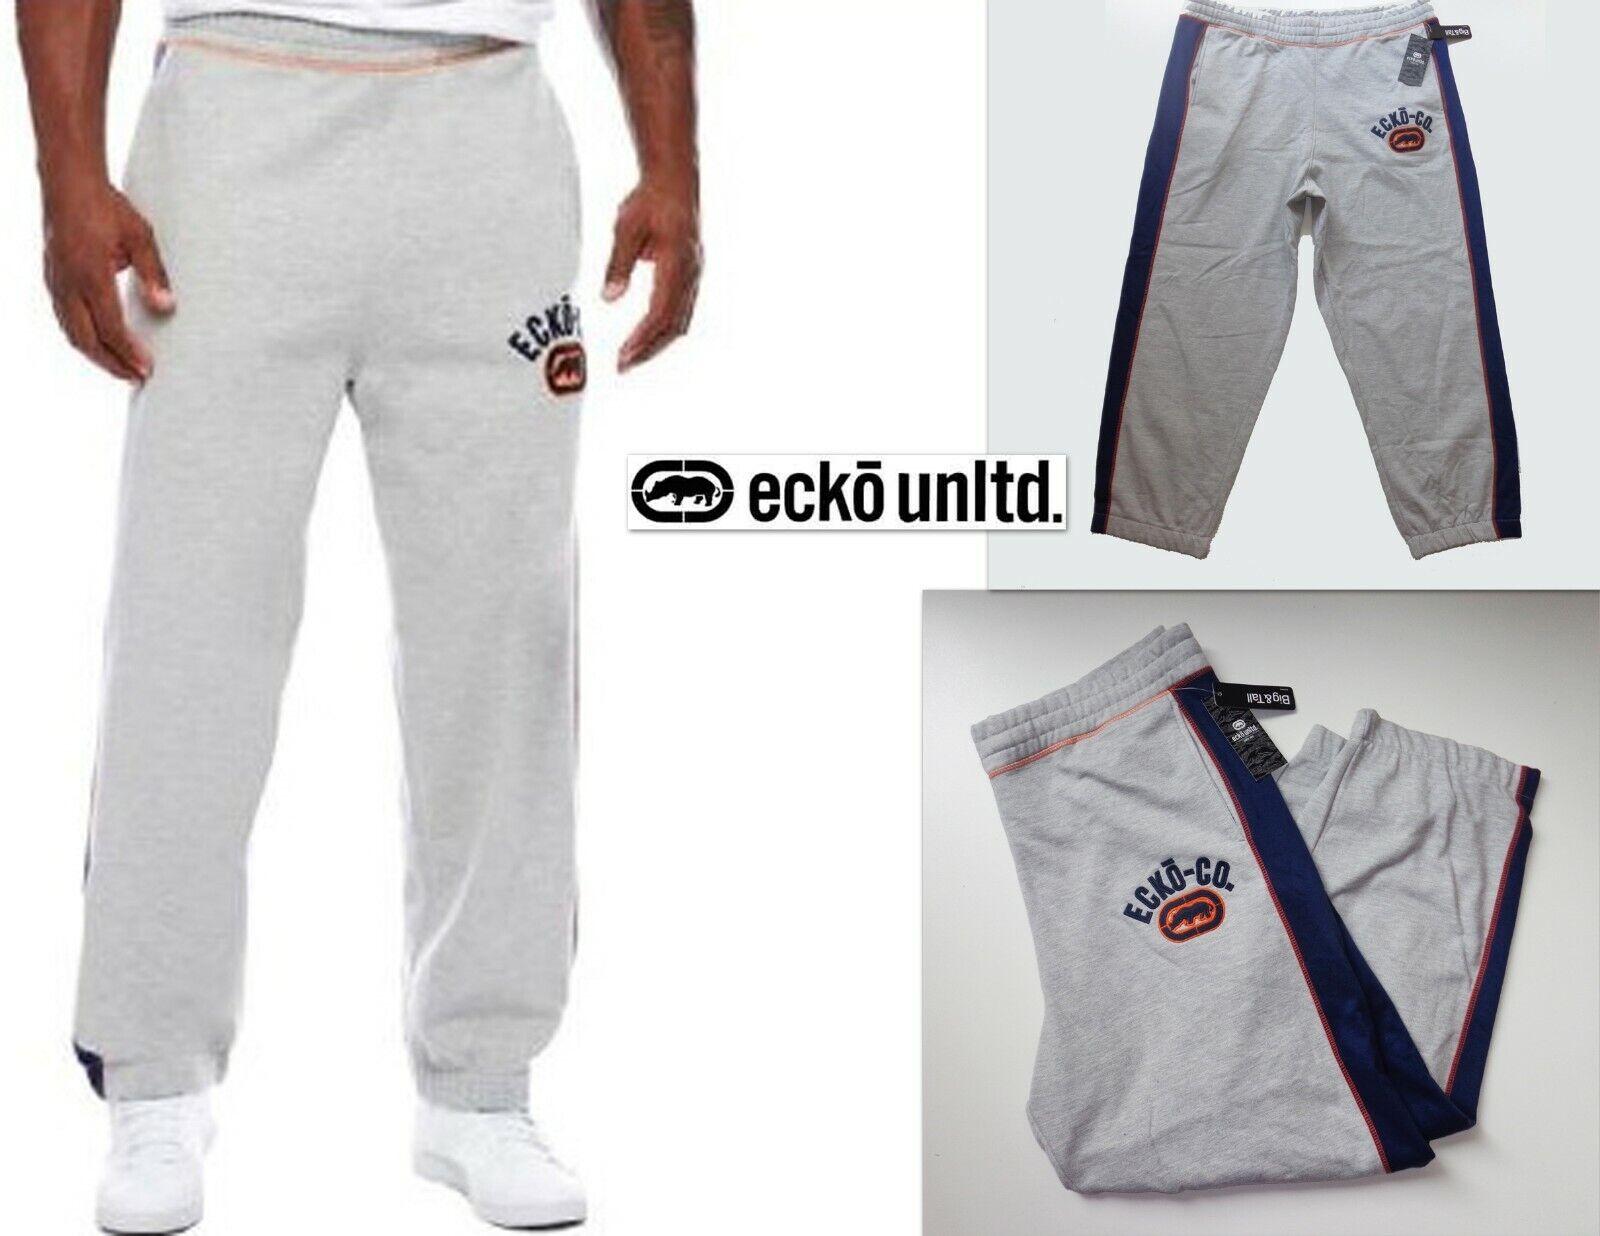 NWT ECKO UNLTD 3X Big&Tall Gray Navy Blue Logo Sweat Pants Great Sweatpants New